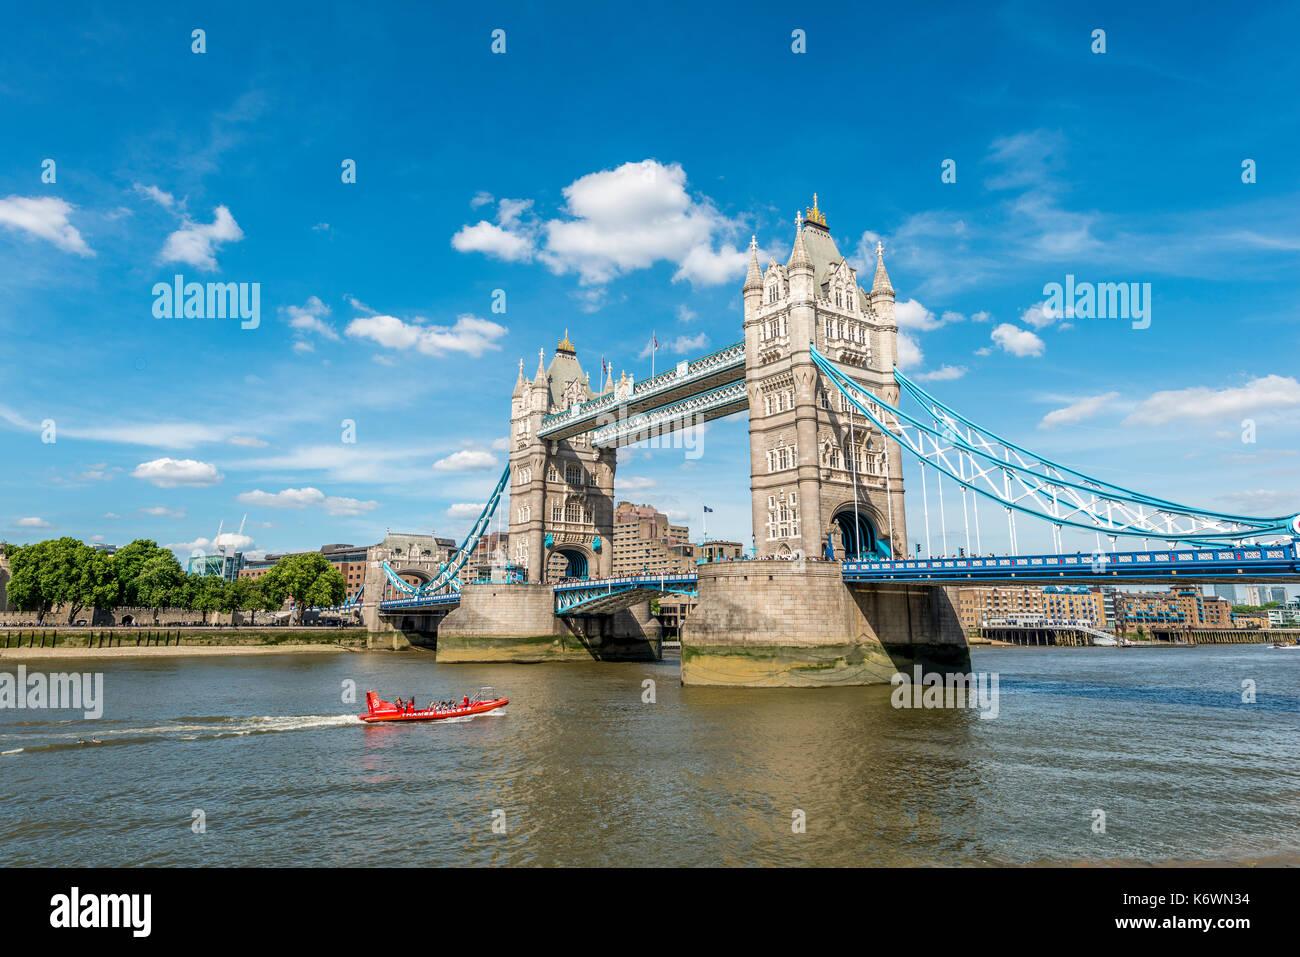 Die Tower Bridge über die Themse, Southwark, London, England, Großbritannien Stockbild